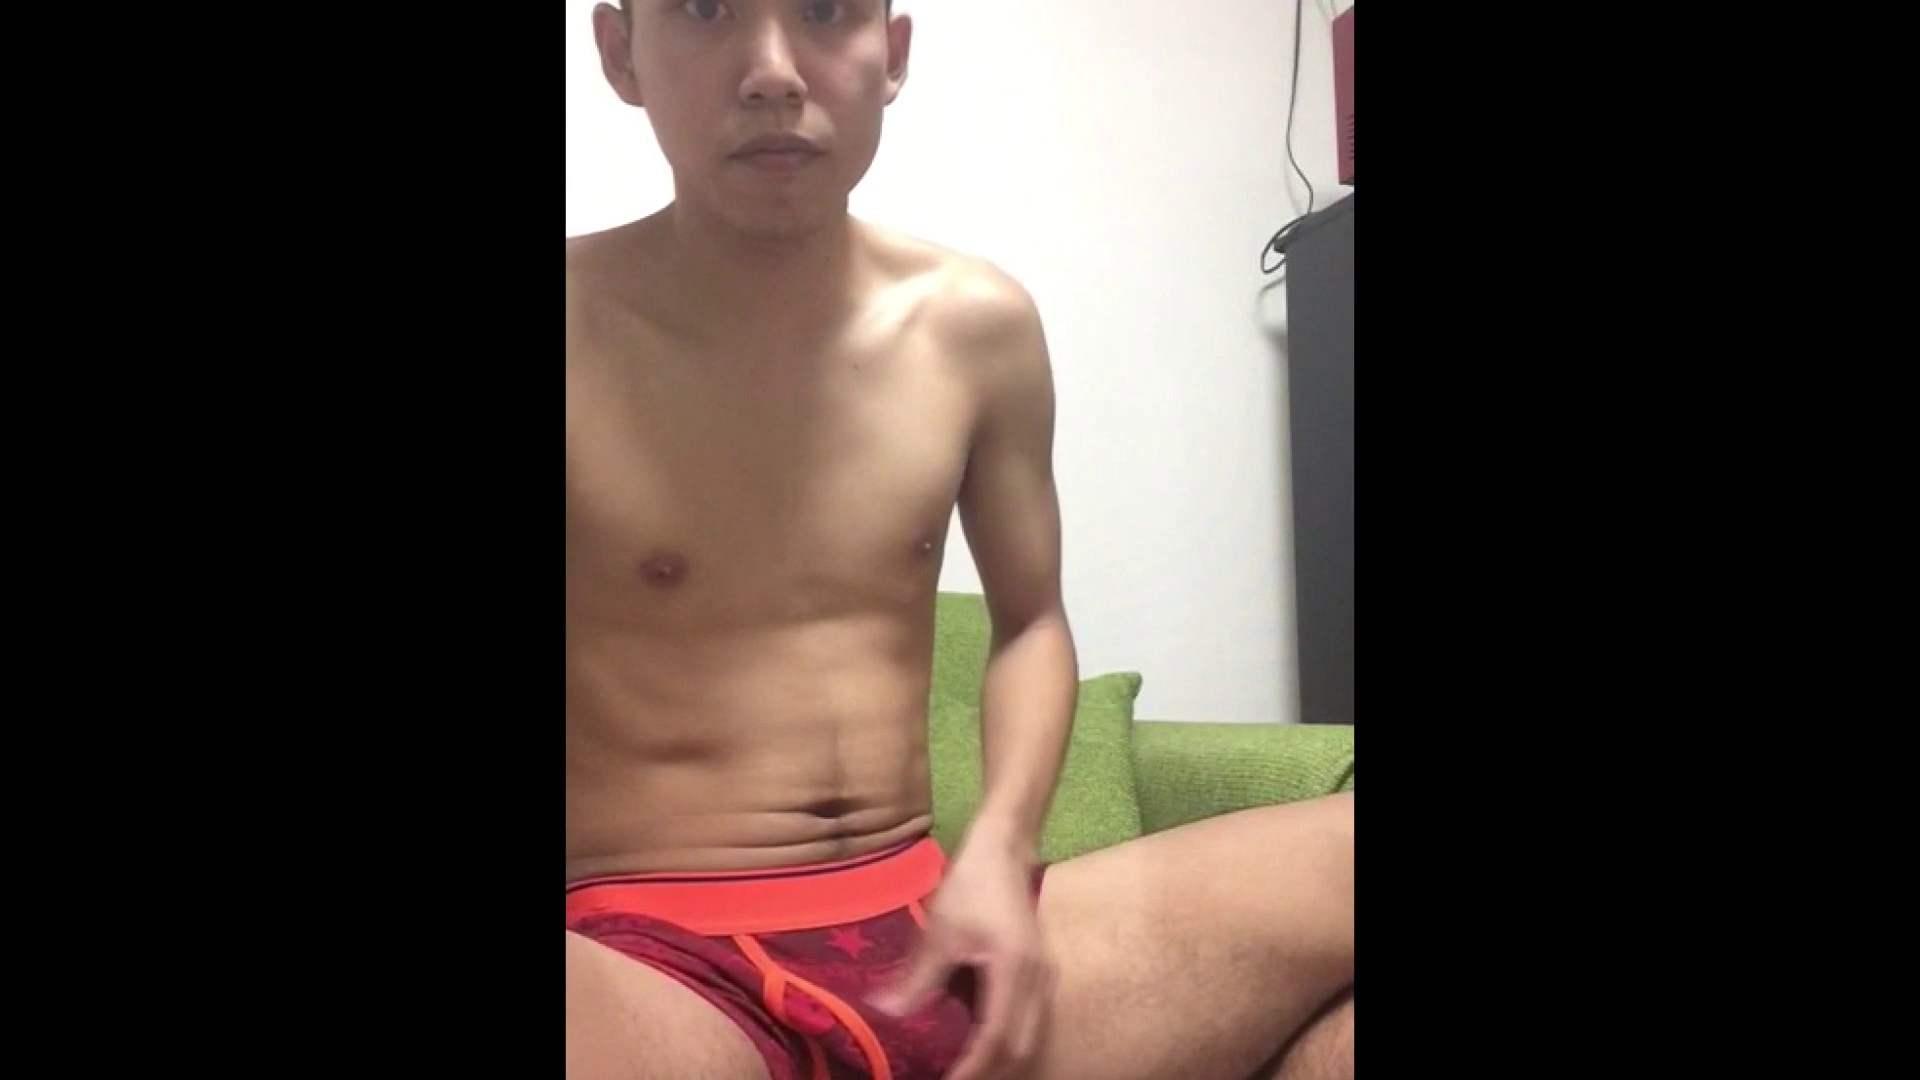 個人撮影 自慰の極意 Vol.22 ゲイのオナニー映像 | 個人撮影  62枚 25